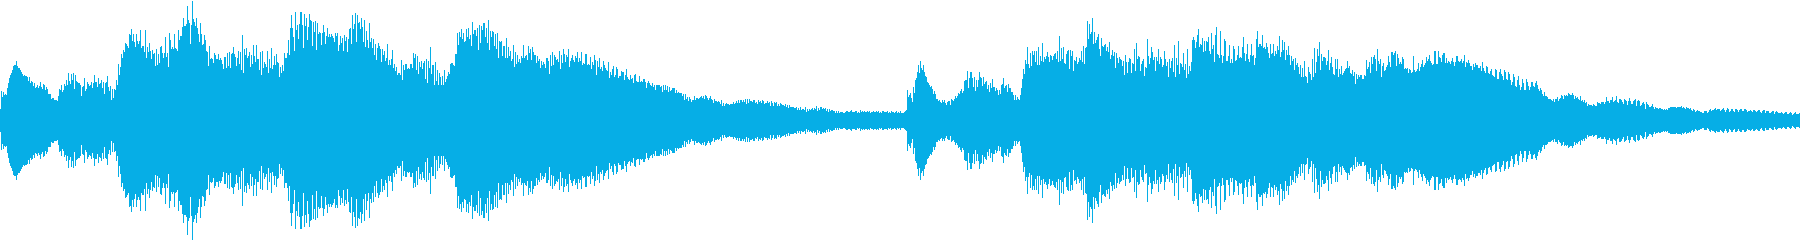 ベル アラーム お知らせ ループ 案内の再生済みの波形